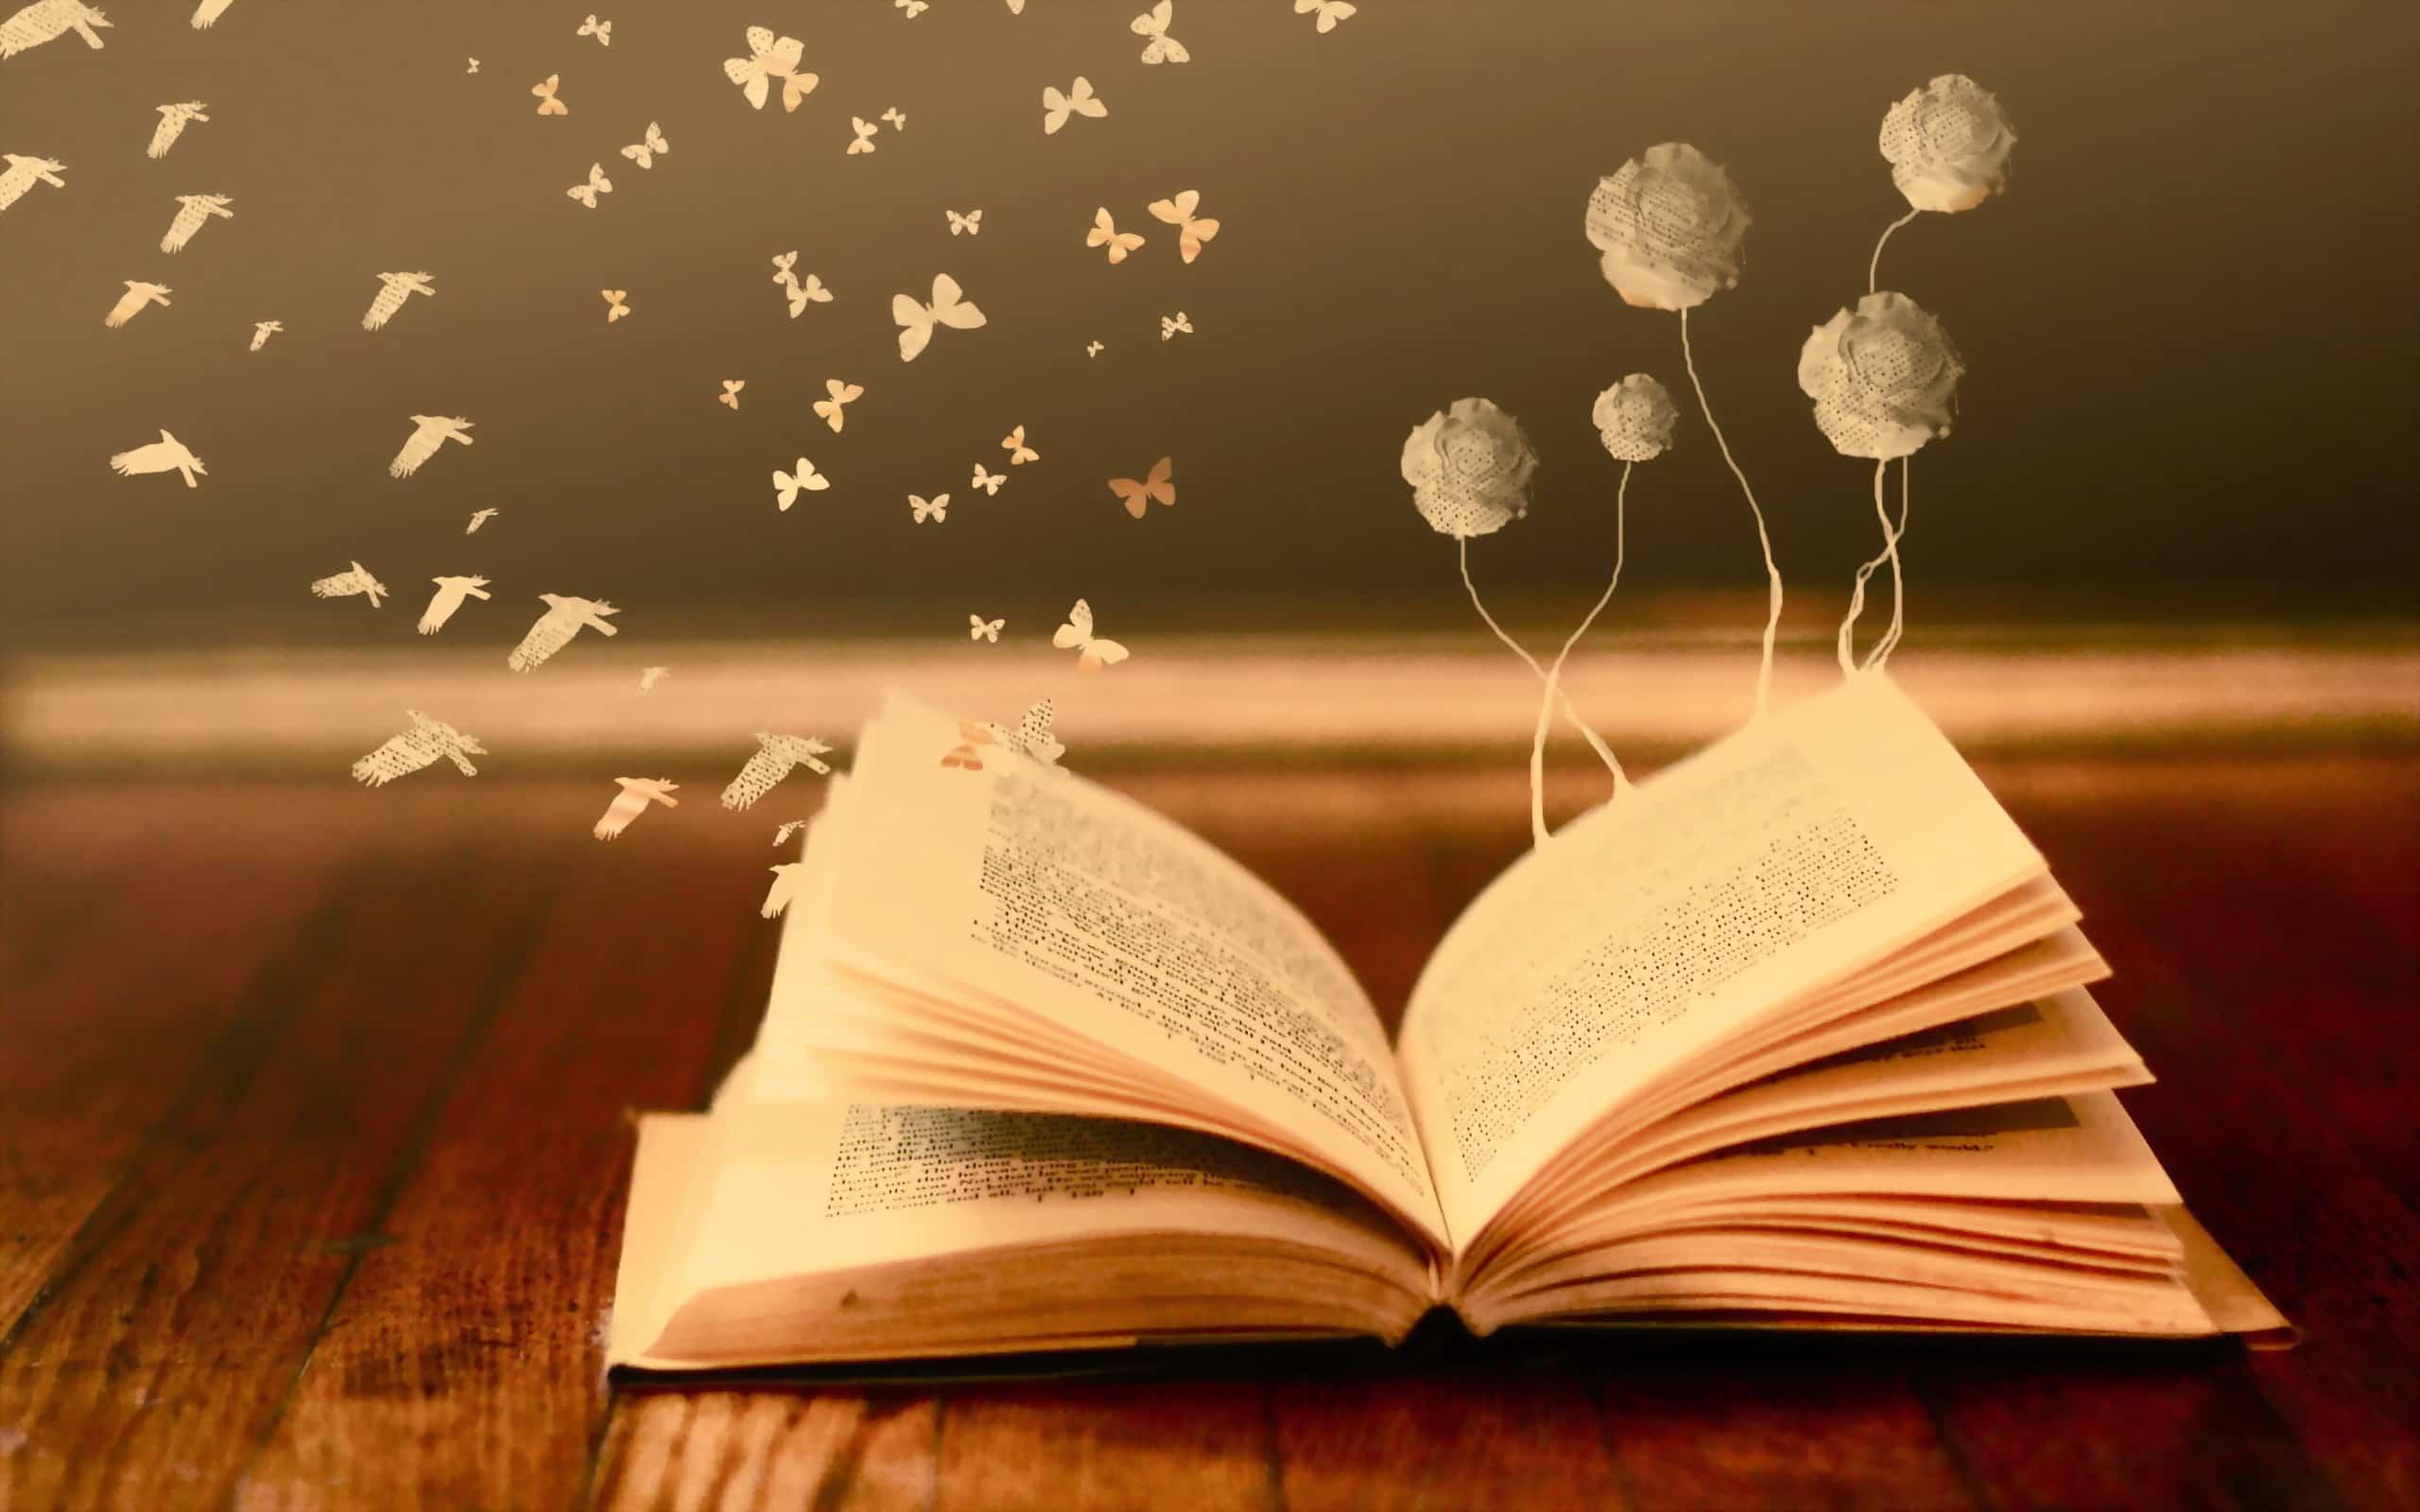 Dergi Baskı Hizmetleri - Bu Kitap Benim, Samsun Dergi Basımı, Bafra Dergi Basımı, Kitap Baskısı, Kitap Basımı, Bafra Kitap Kitap Basımı, Samsun Kitap Basımı